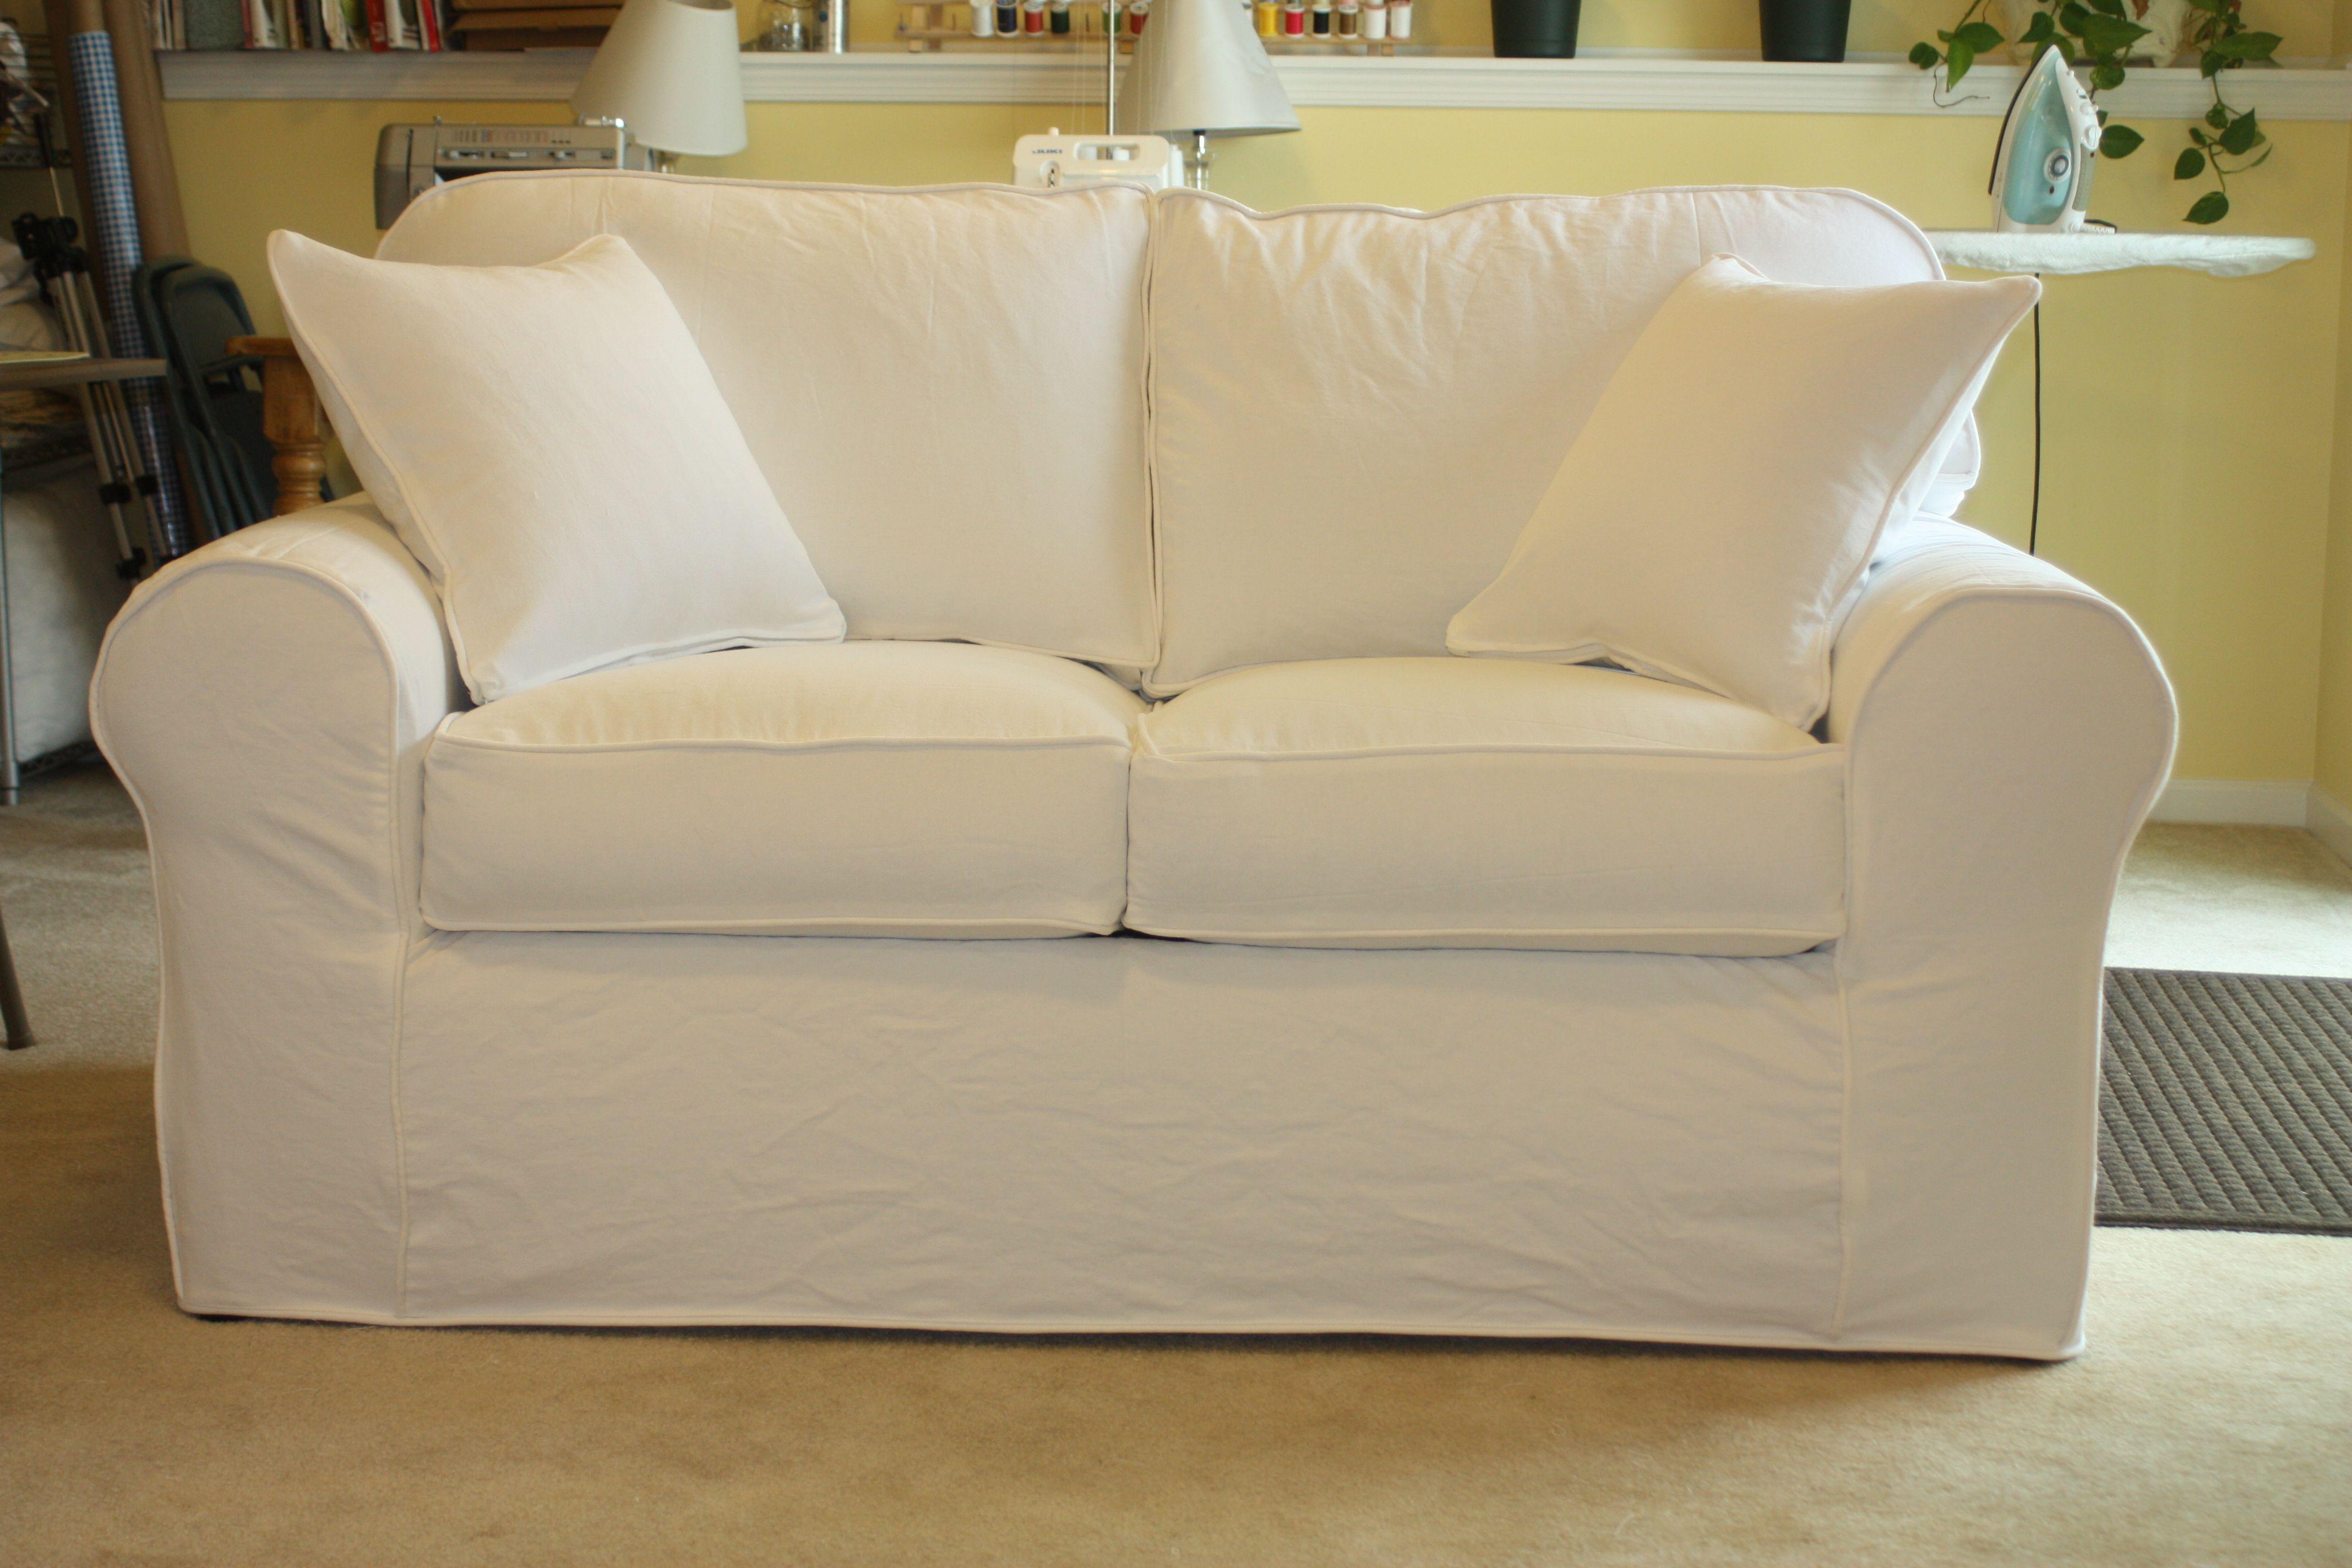 10 oz white bull denim in 2019 Cushions on sofa, Cheap